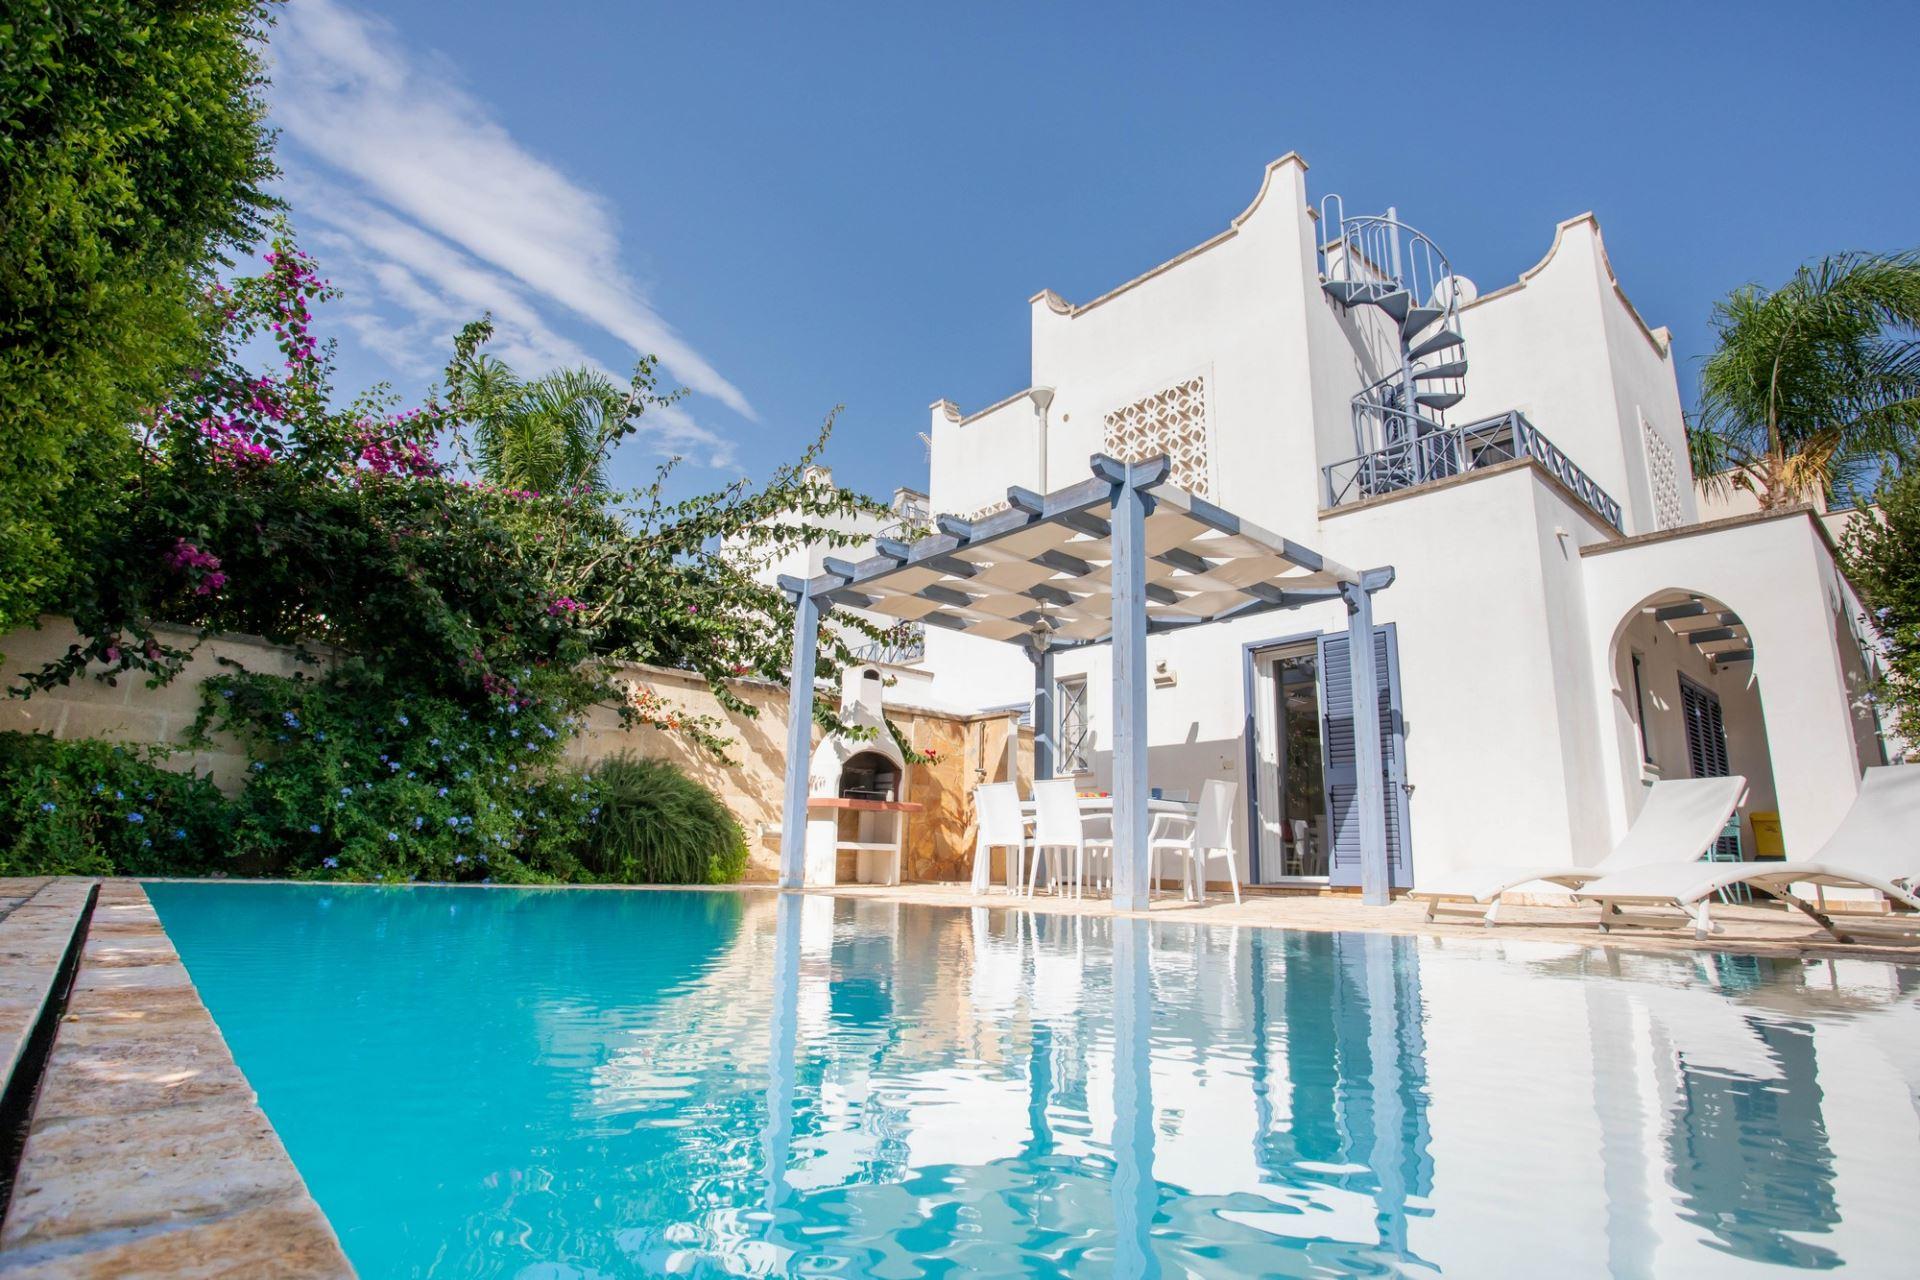 Villino Smeraldo, con piscina privata e giardino